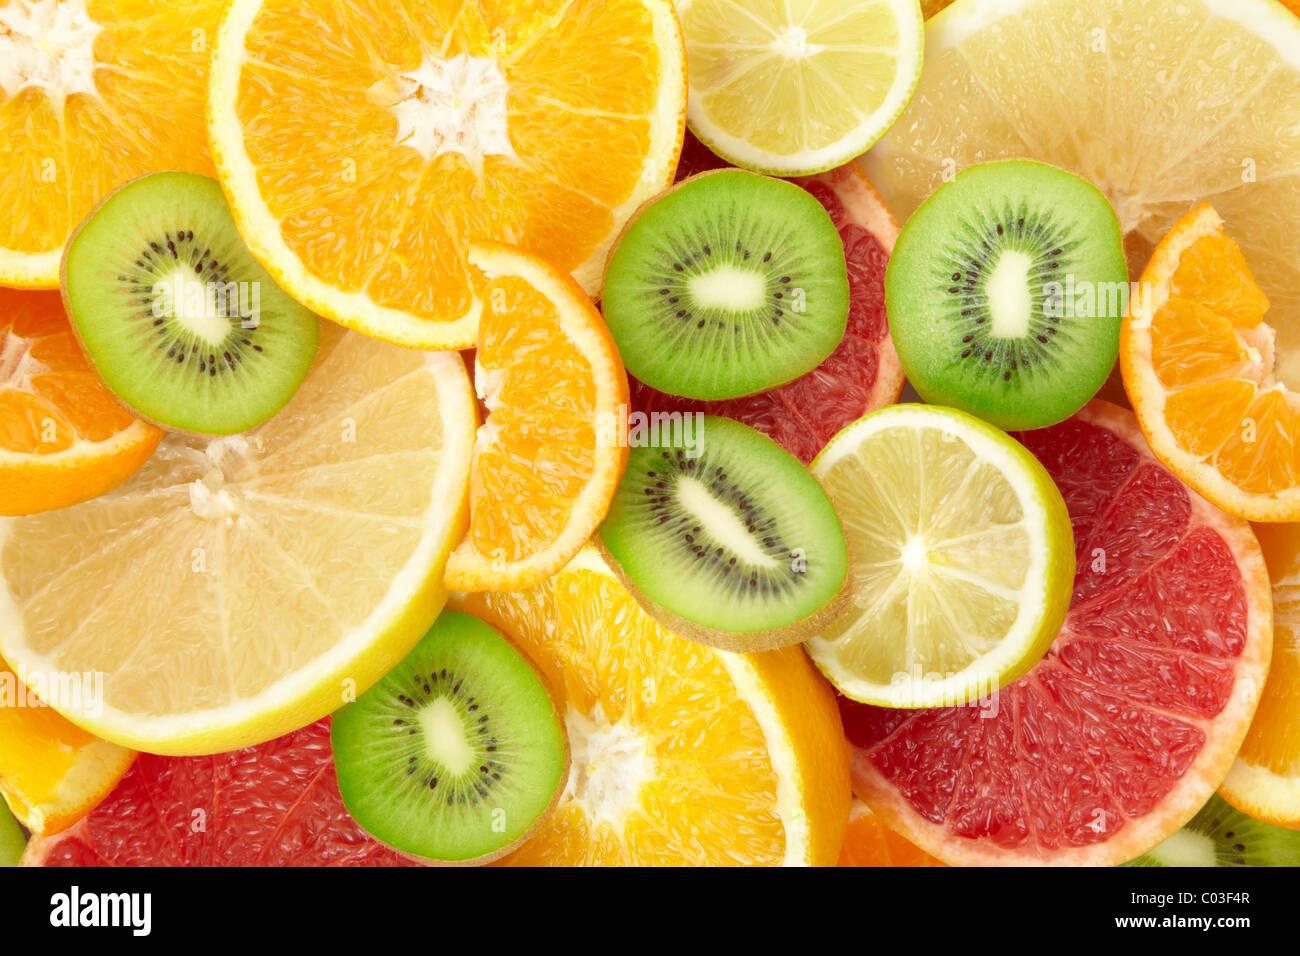 Citrus fruits background - Stock Image